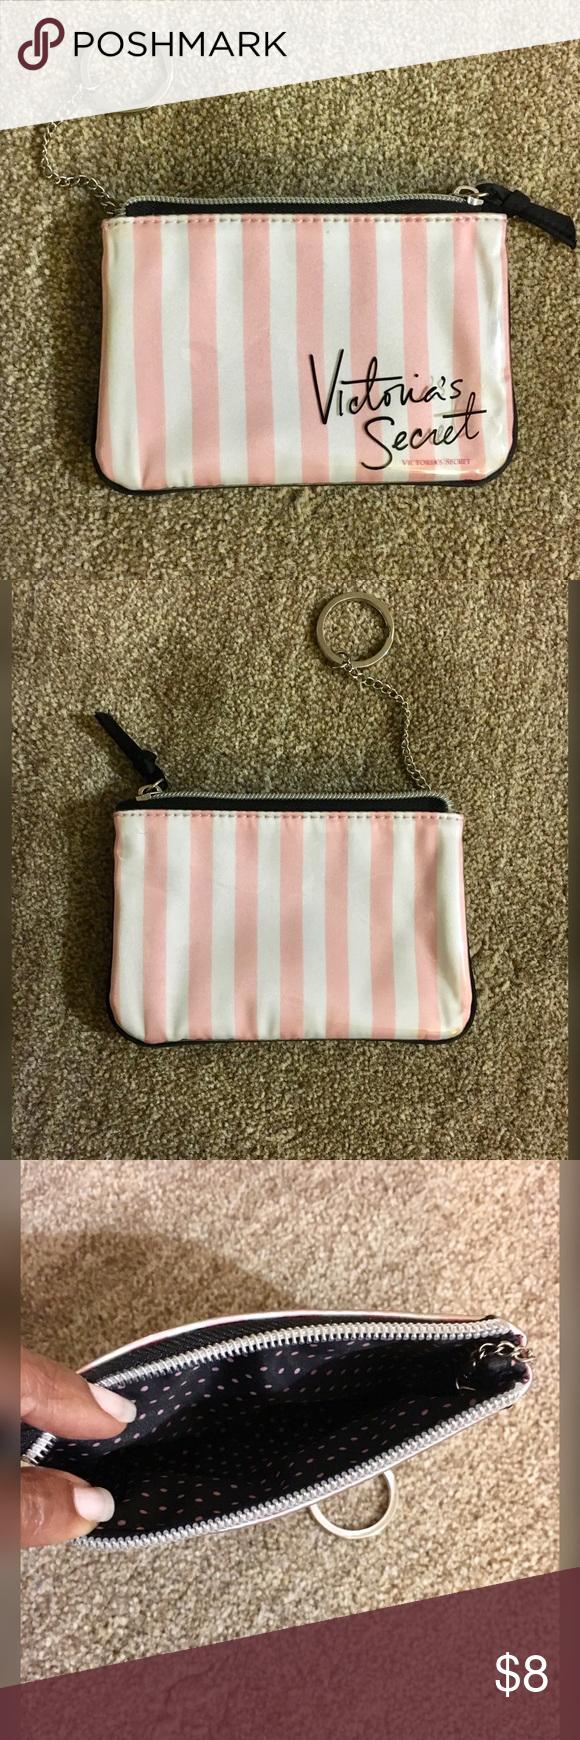 Victoria Secrets Makeup Case Purse size makeup case NWOT Victoria's Secret Bags Cosmetic Bags & Cases